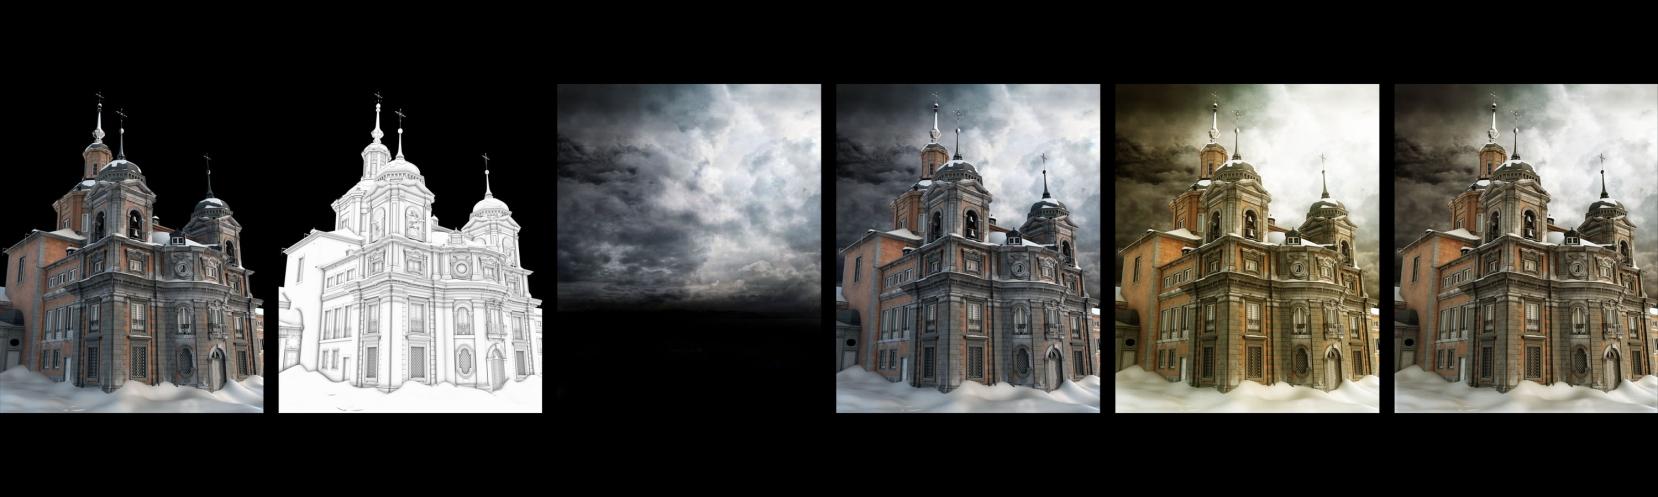 Making of Royal Colegiate-royal-colegiate-makingof9.jpg